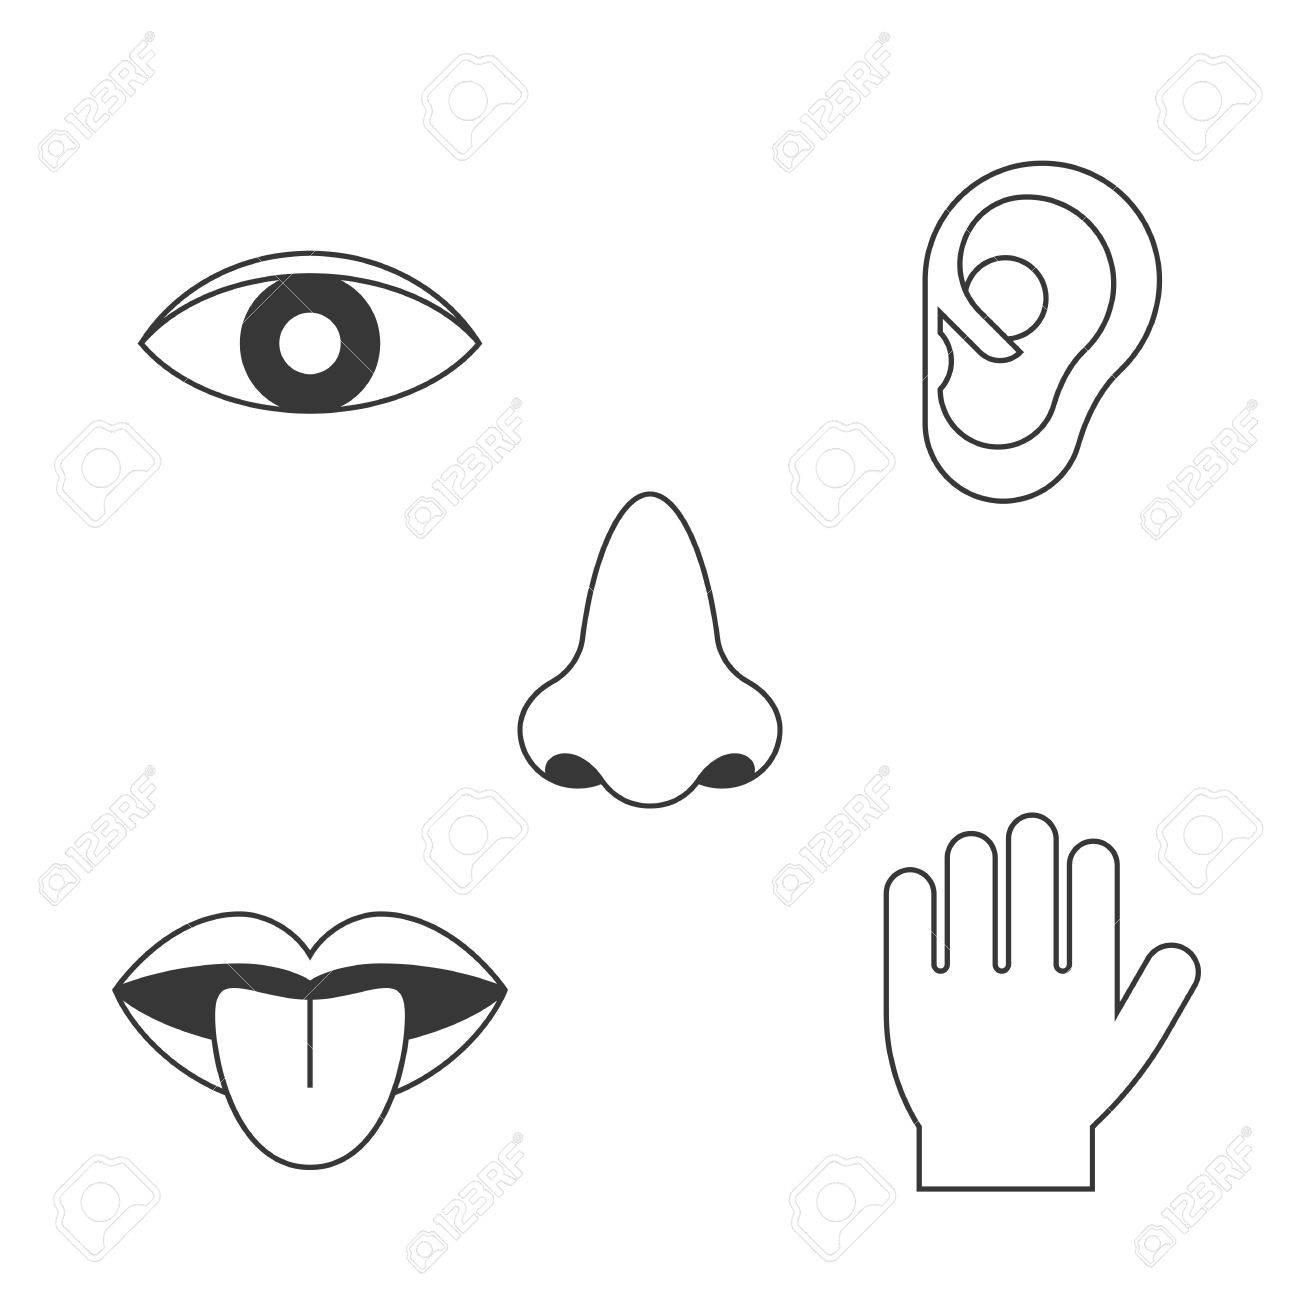 194 Five Senses free clipart.